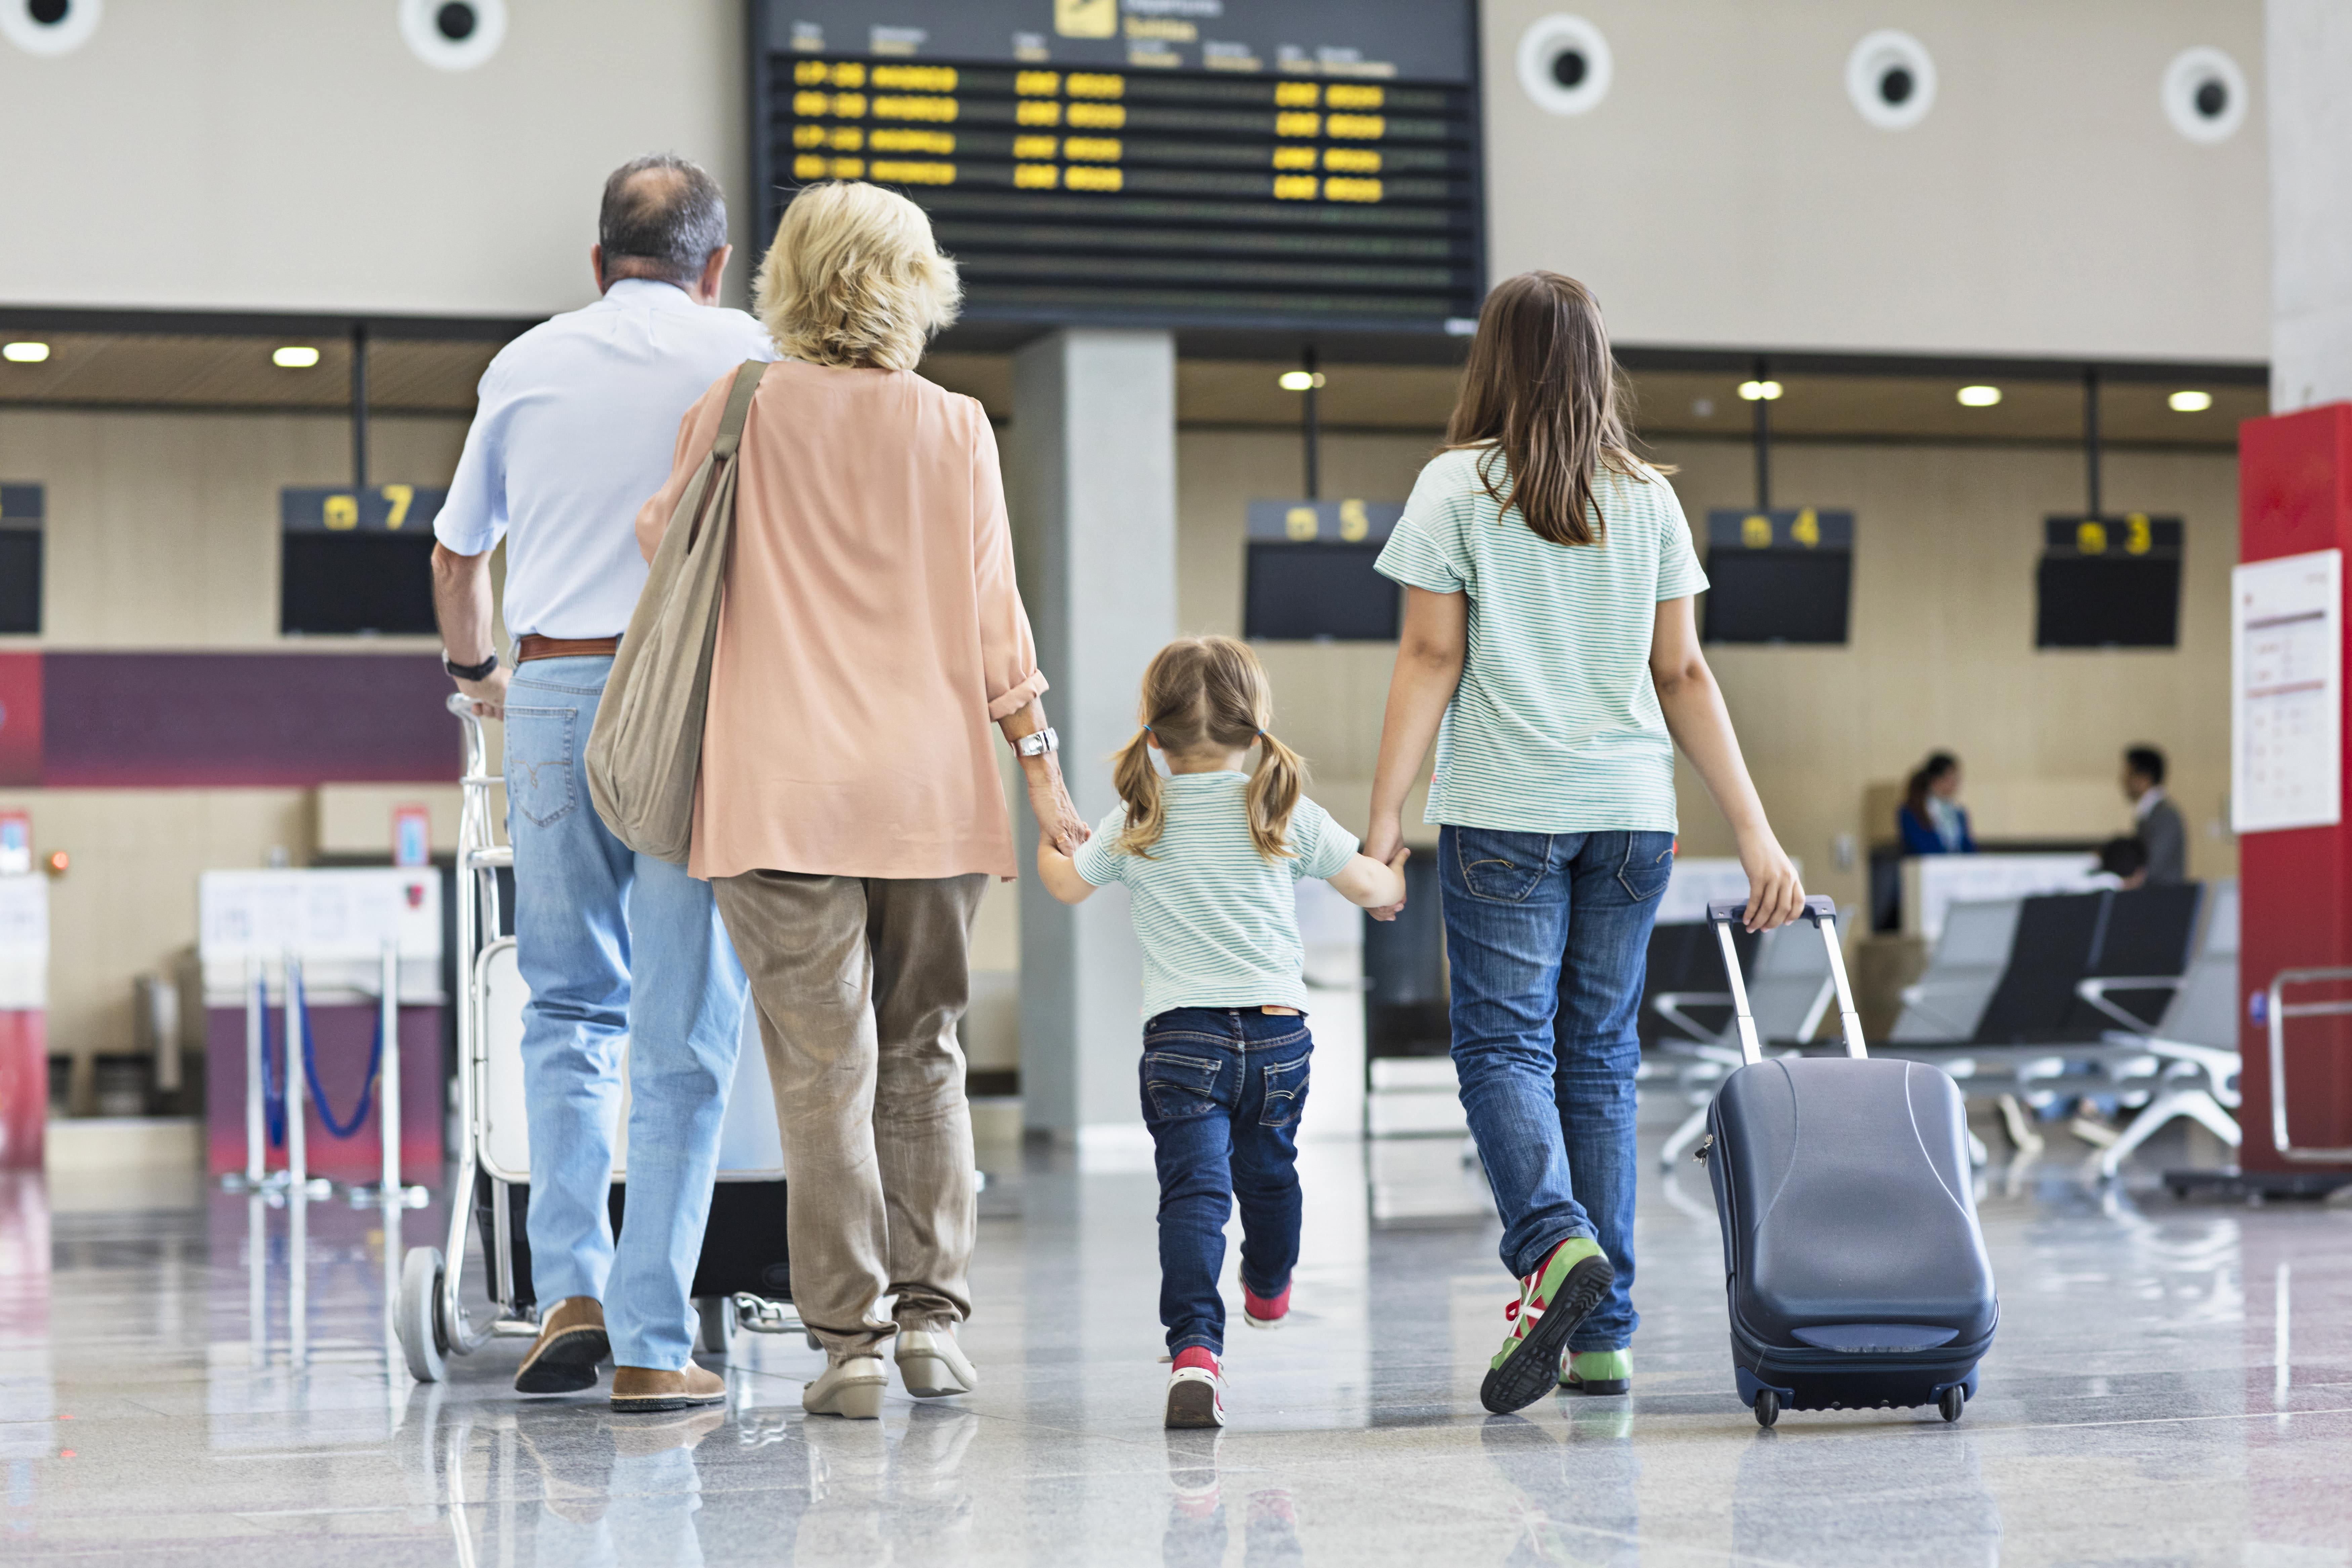 déplacement aéroport paris